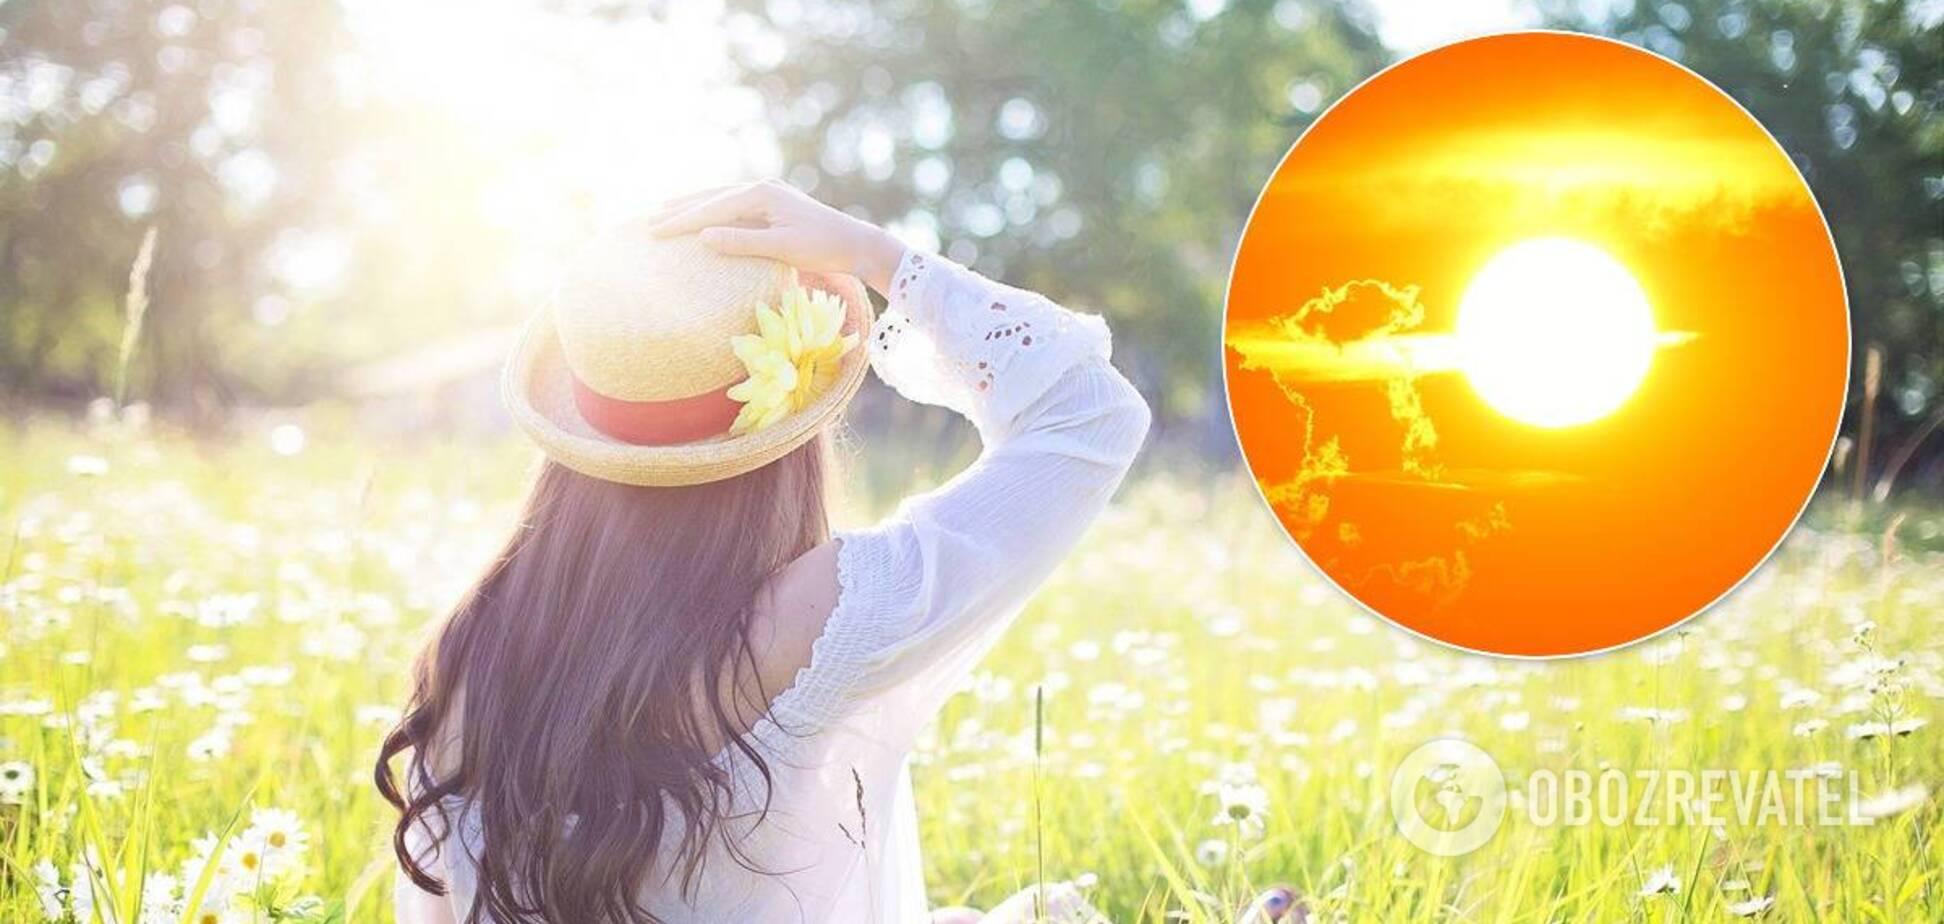 Синоптики спрогнозували спекотні вихідні в Україні: розжарить до +35